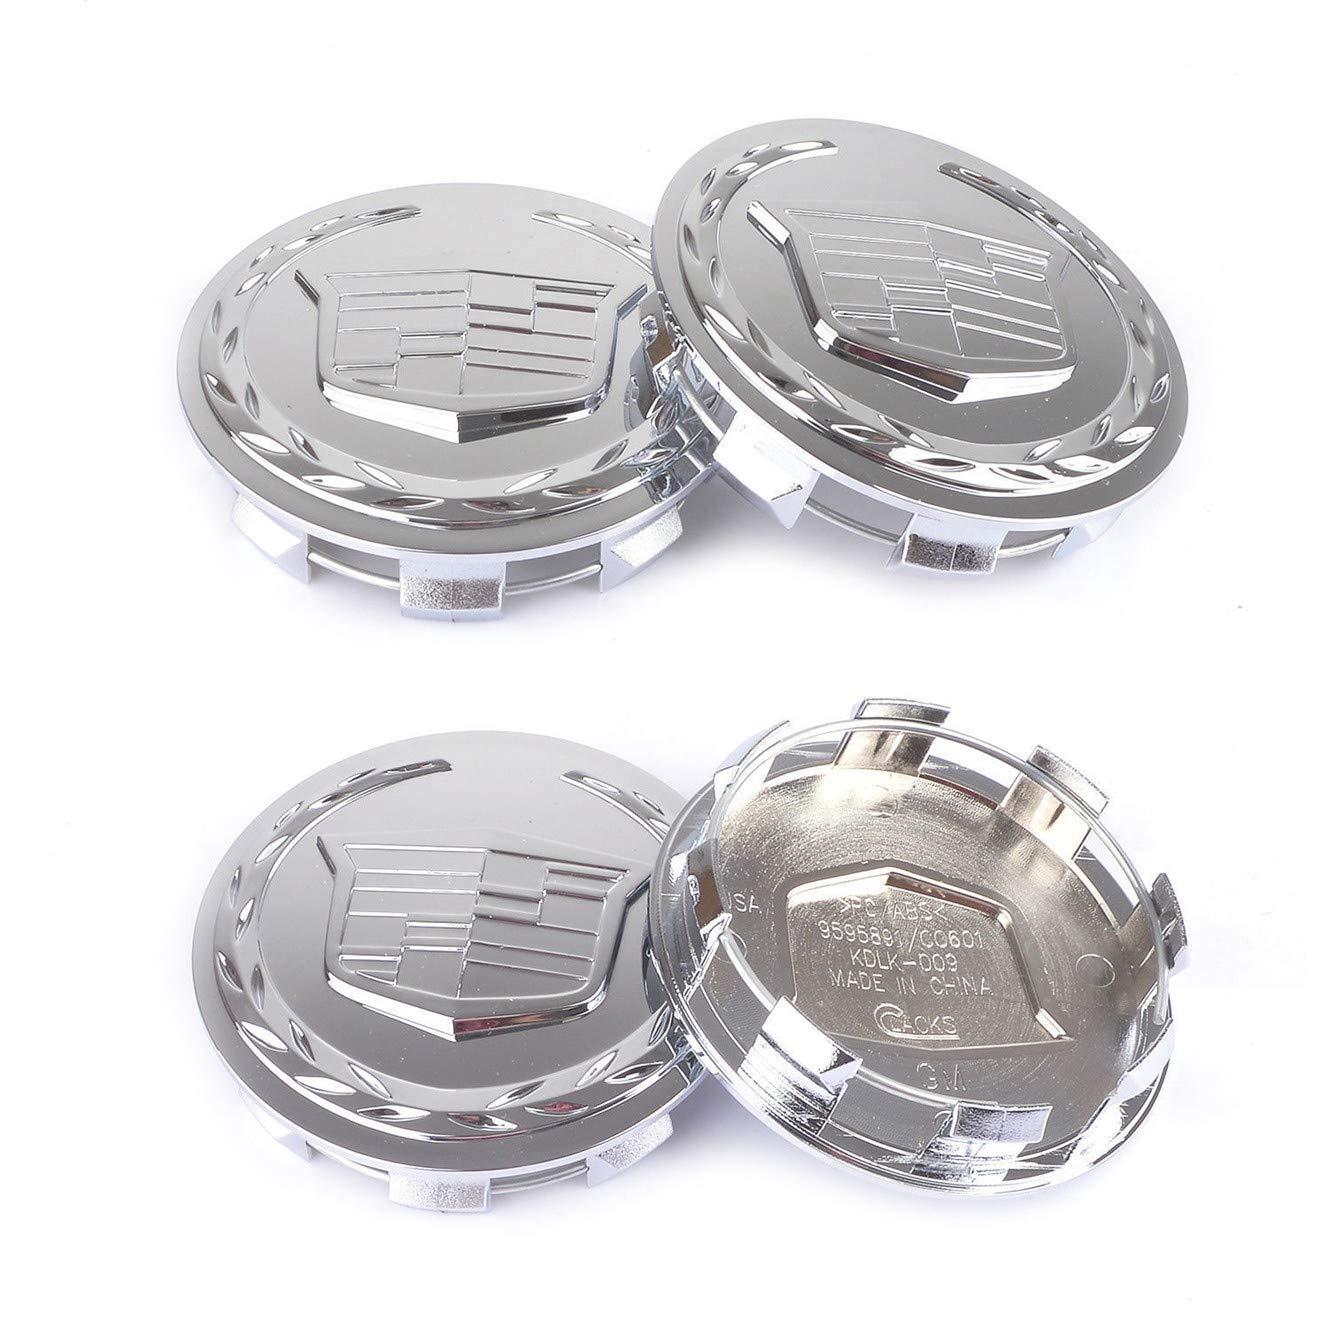 LIANGMAN 4pcs 83mm 3.25 inch Chrome Car Wheel Center Hub Caps for Escalade ESV EXT